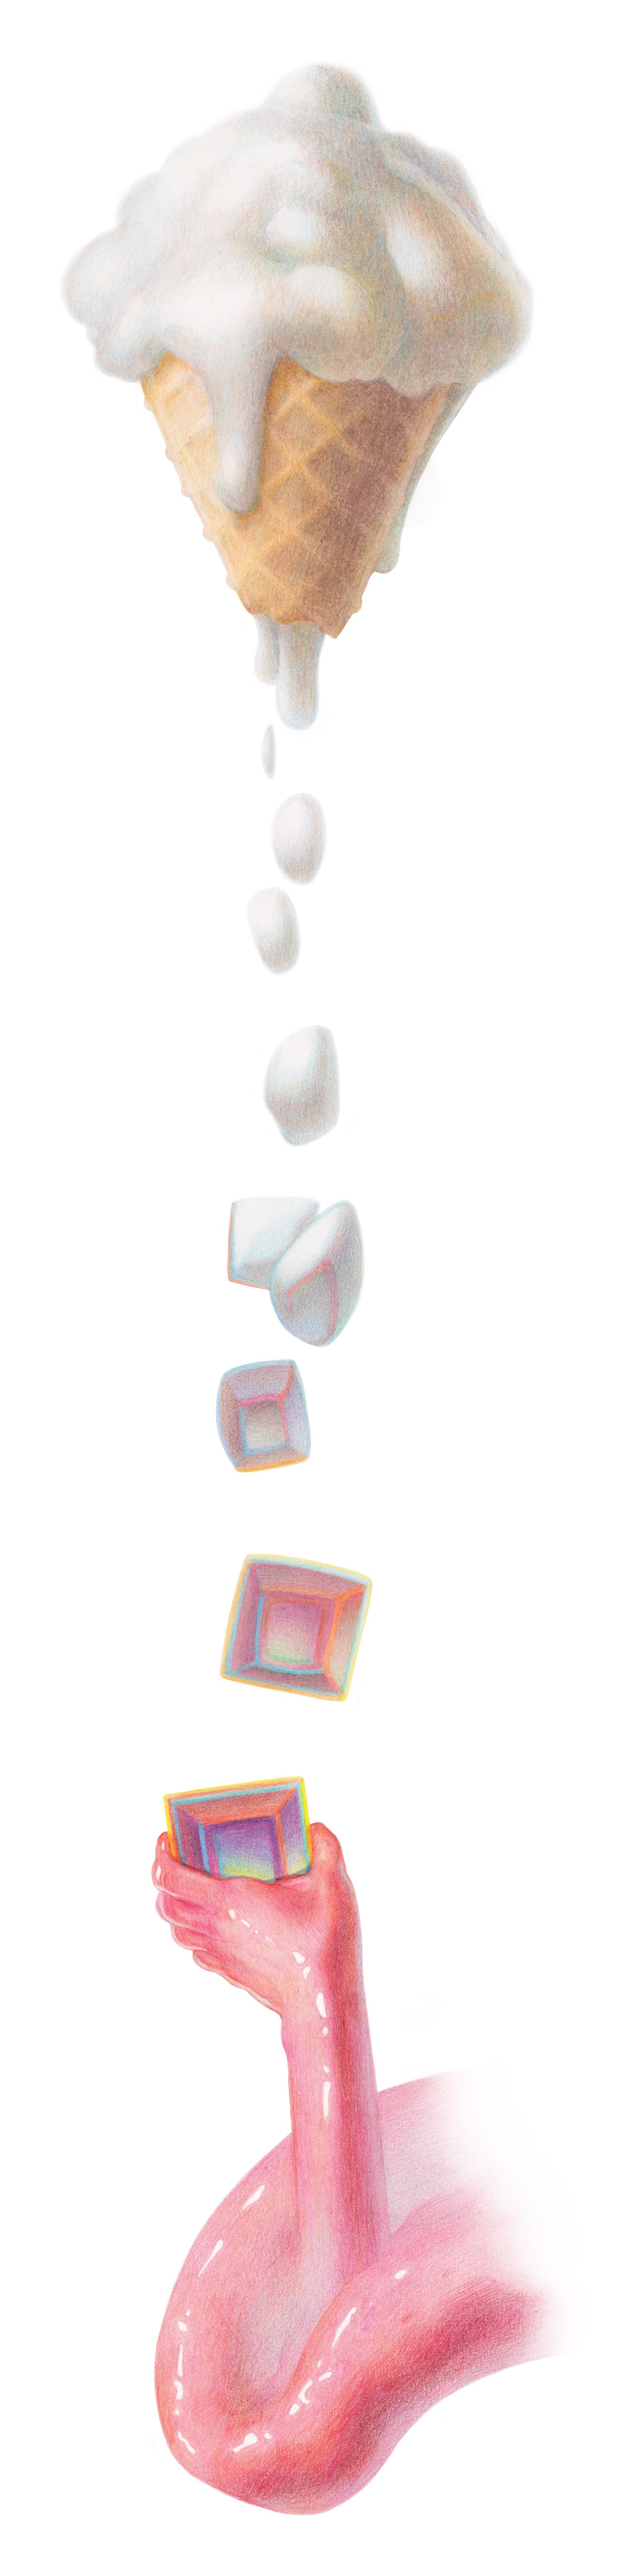 Sugar 1B.jpg